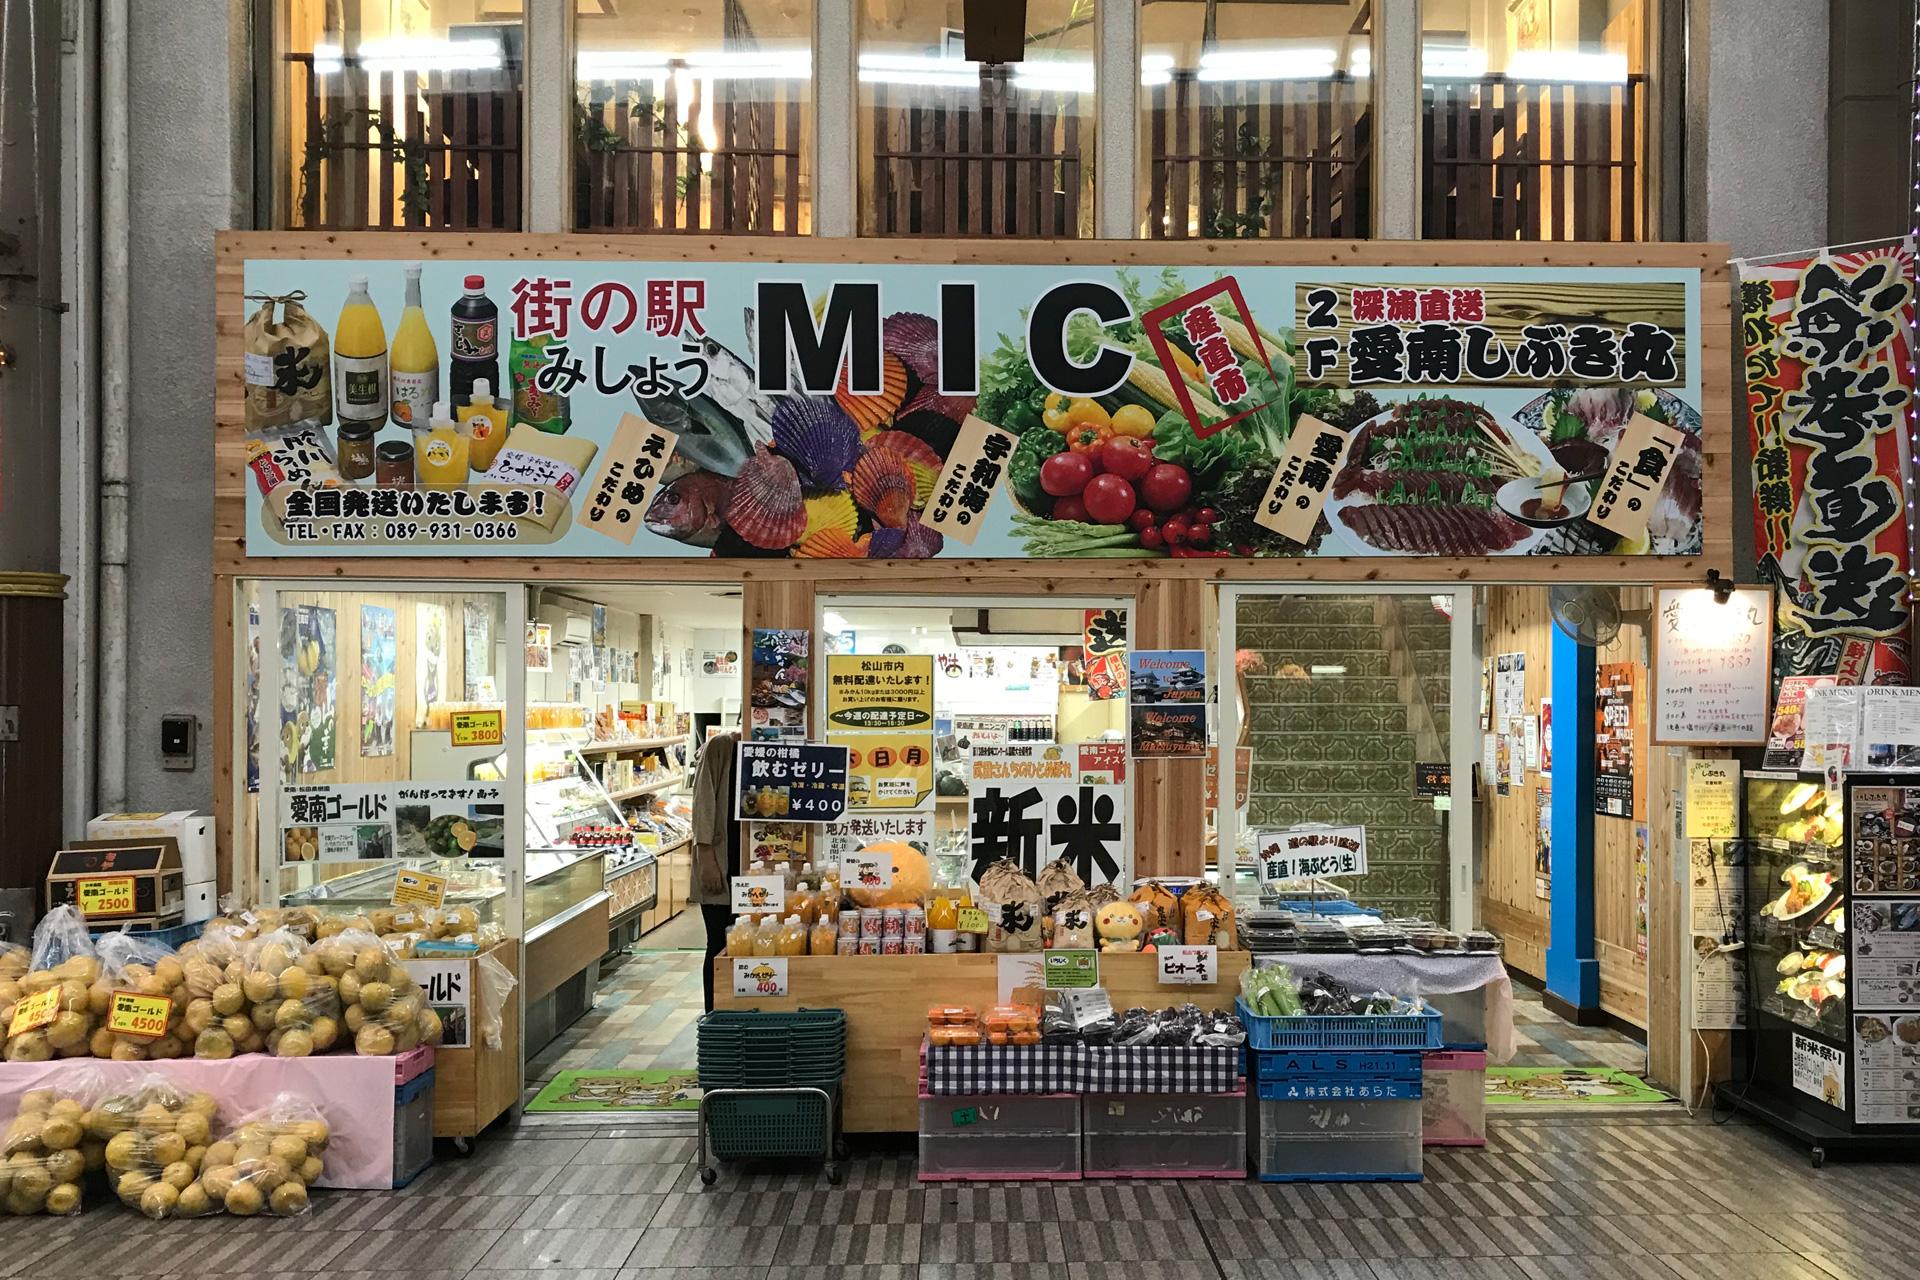 愛南町 街の駅「みしょうMIC」